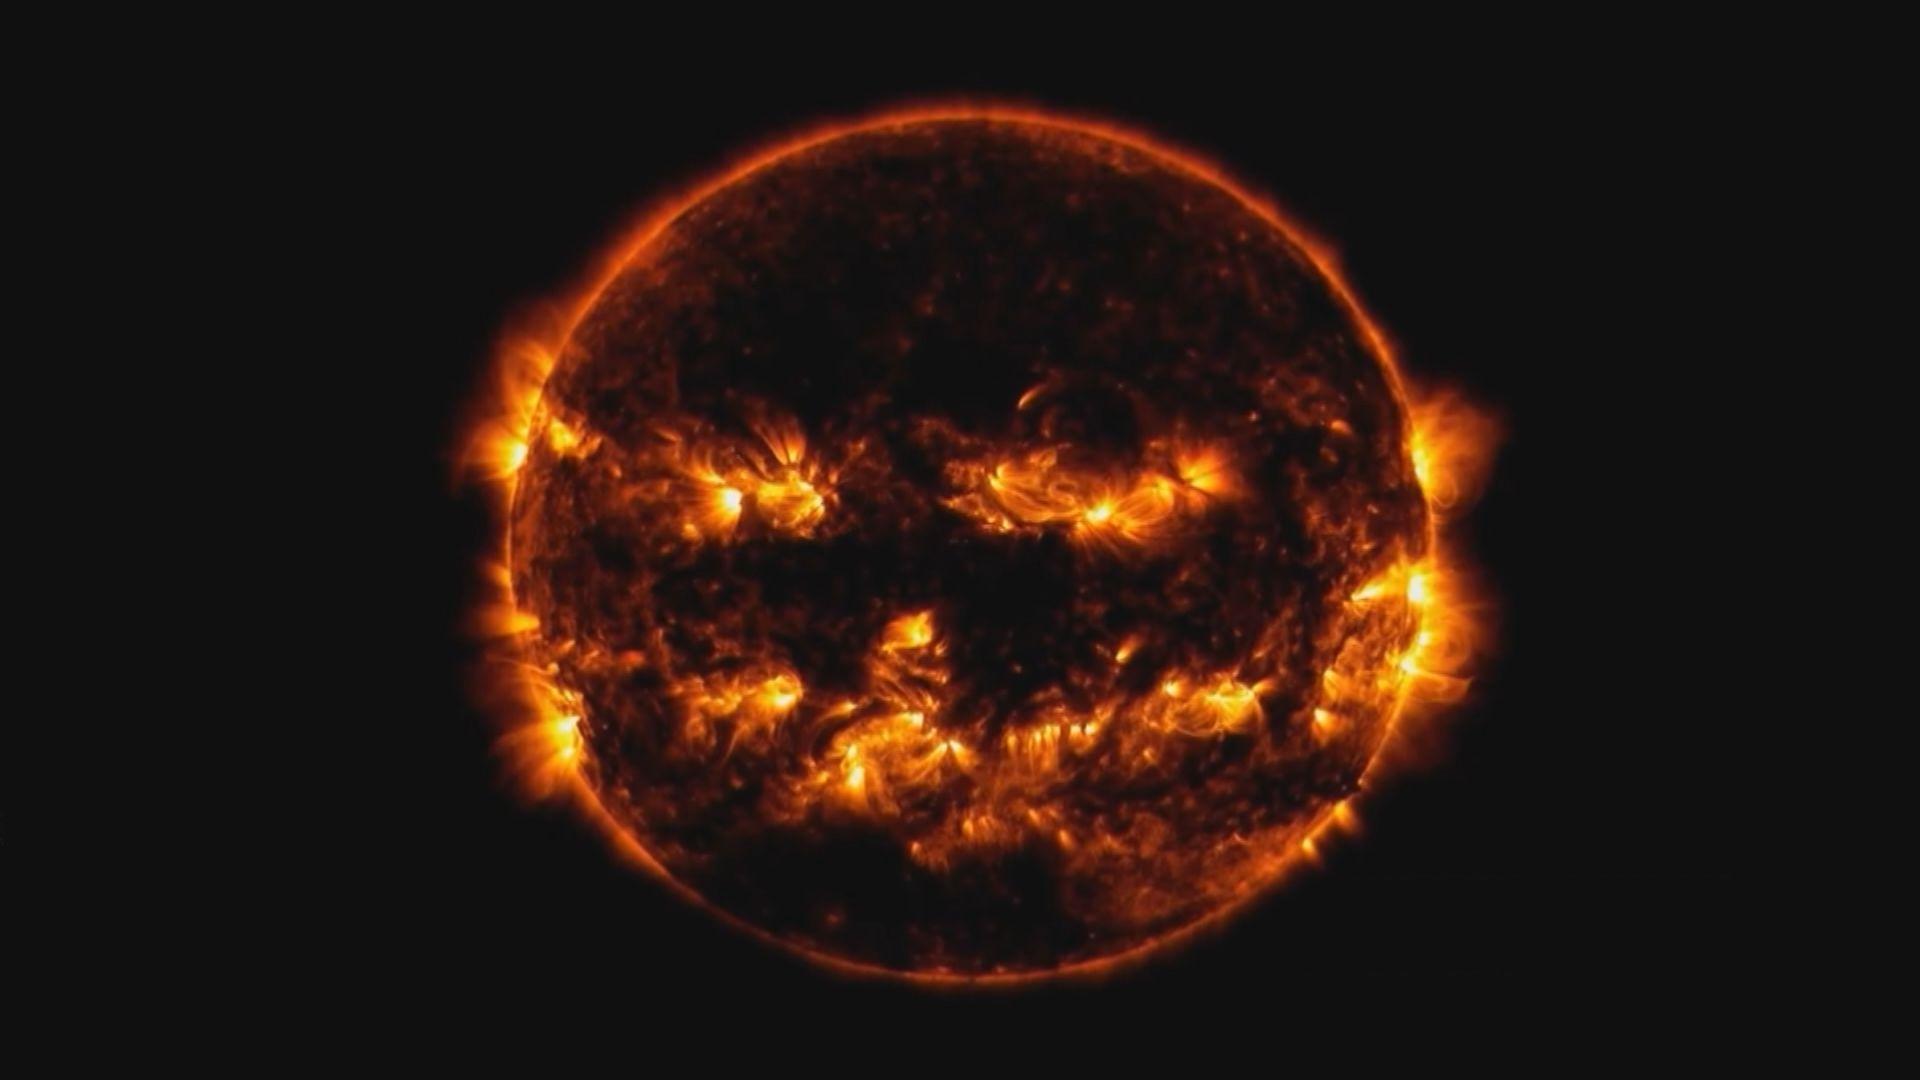 【環球薈報】發現銀河系萬聖節「南瓜燈籠」